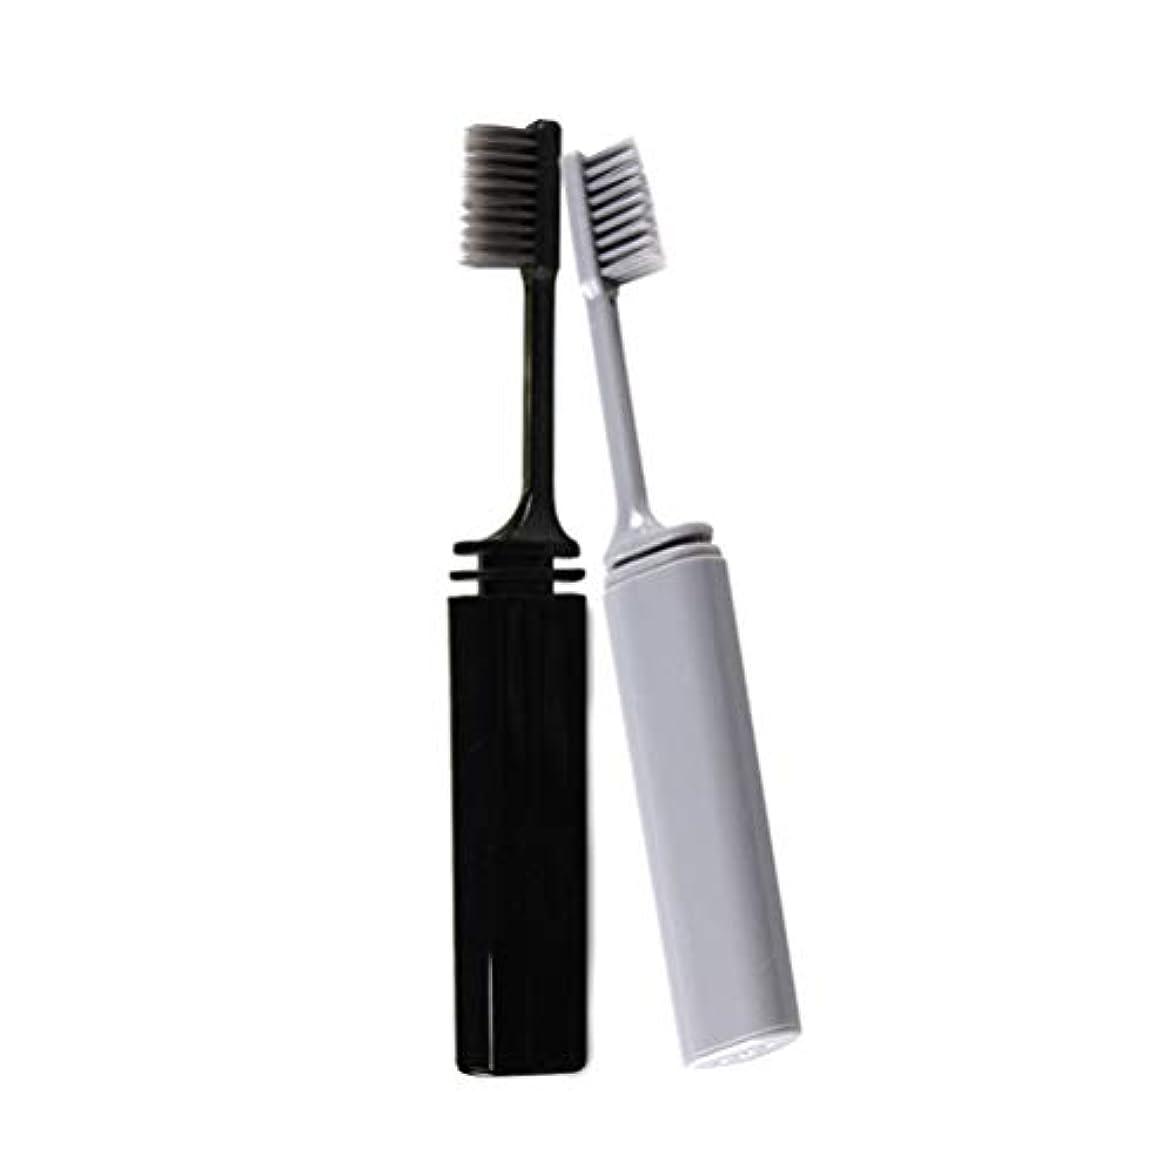 奇跡的な発言する怒ってHealifty 旅行用携帯用歯ブラシ折りたたみ竹炭歯ブラシ2本(グレー+ブラック)